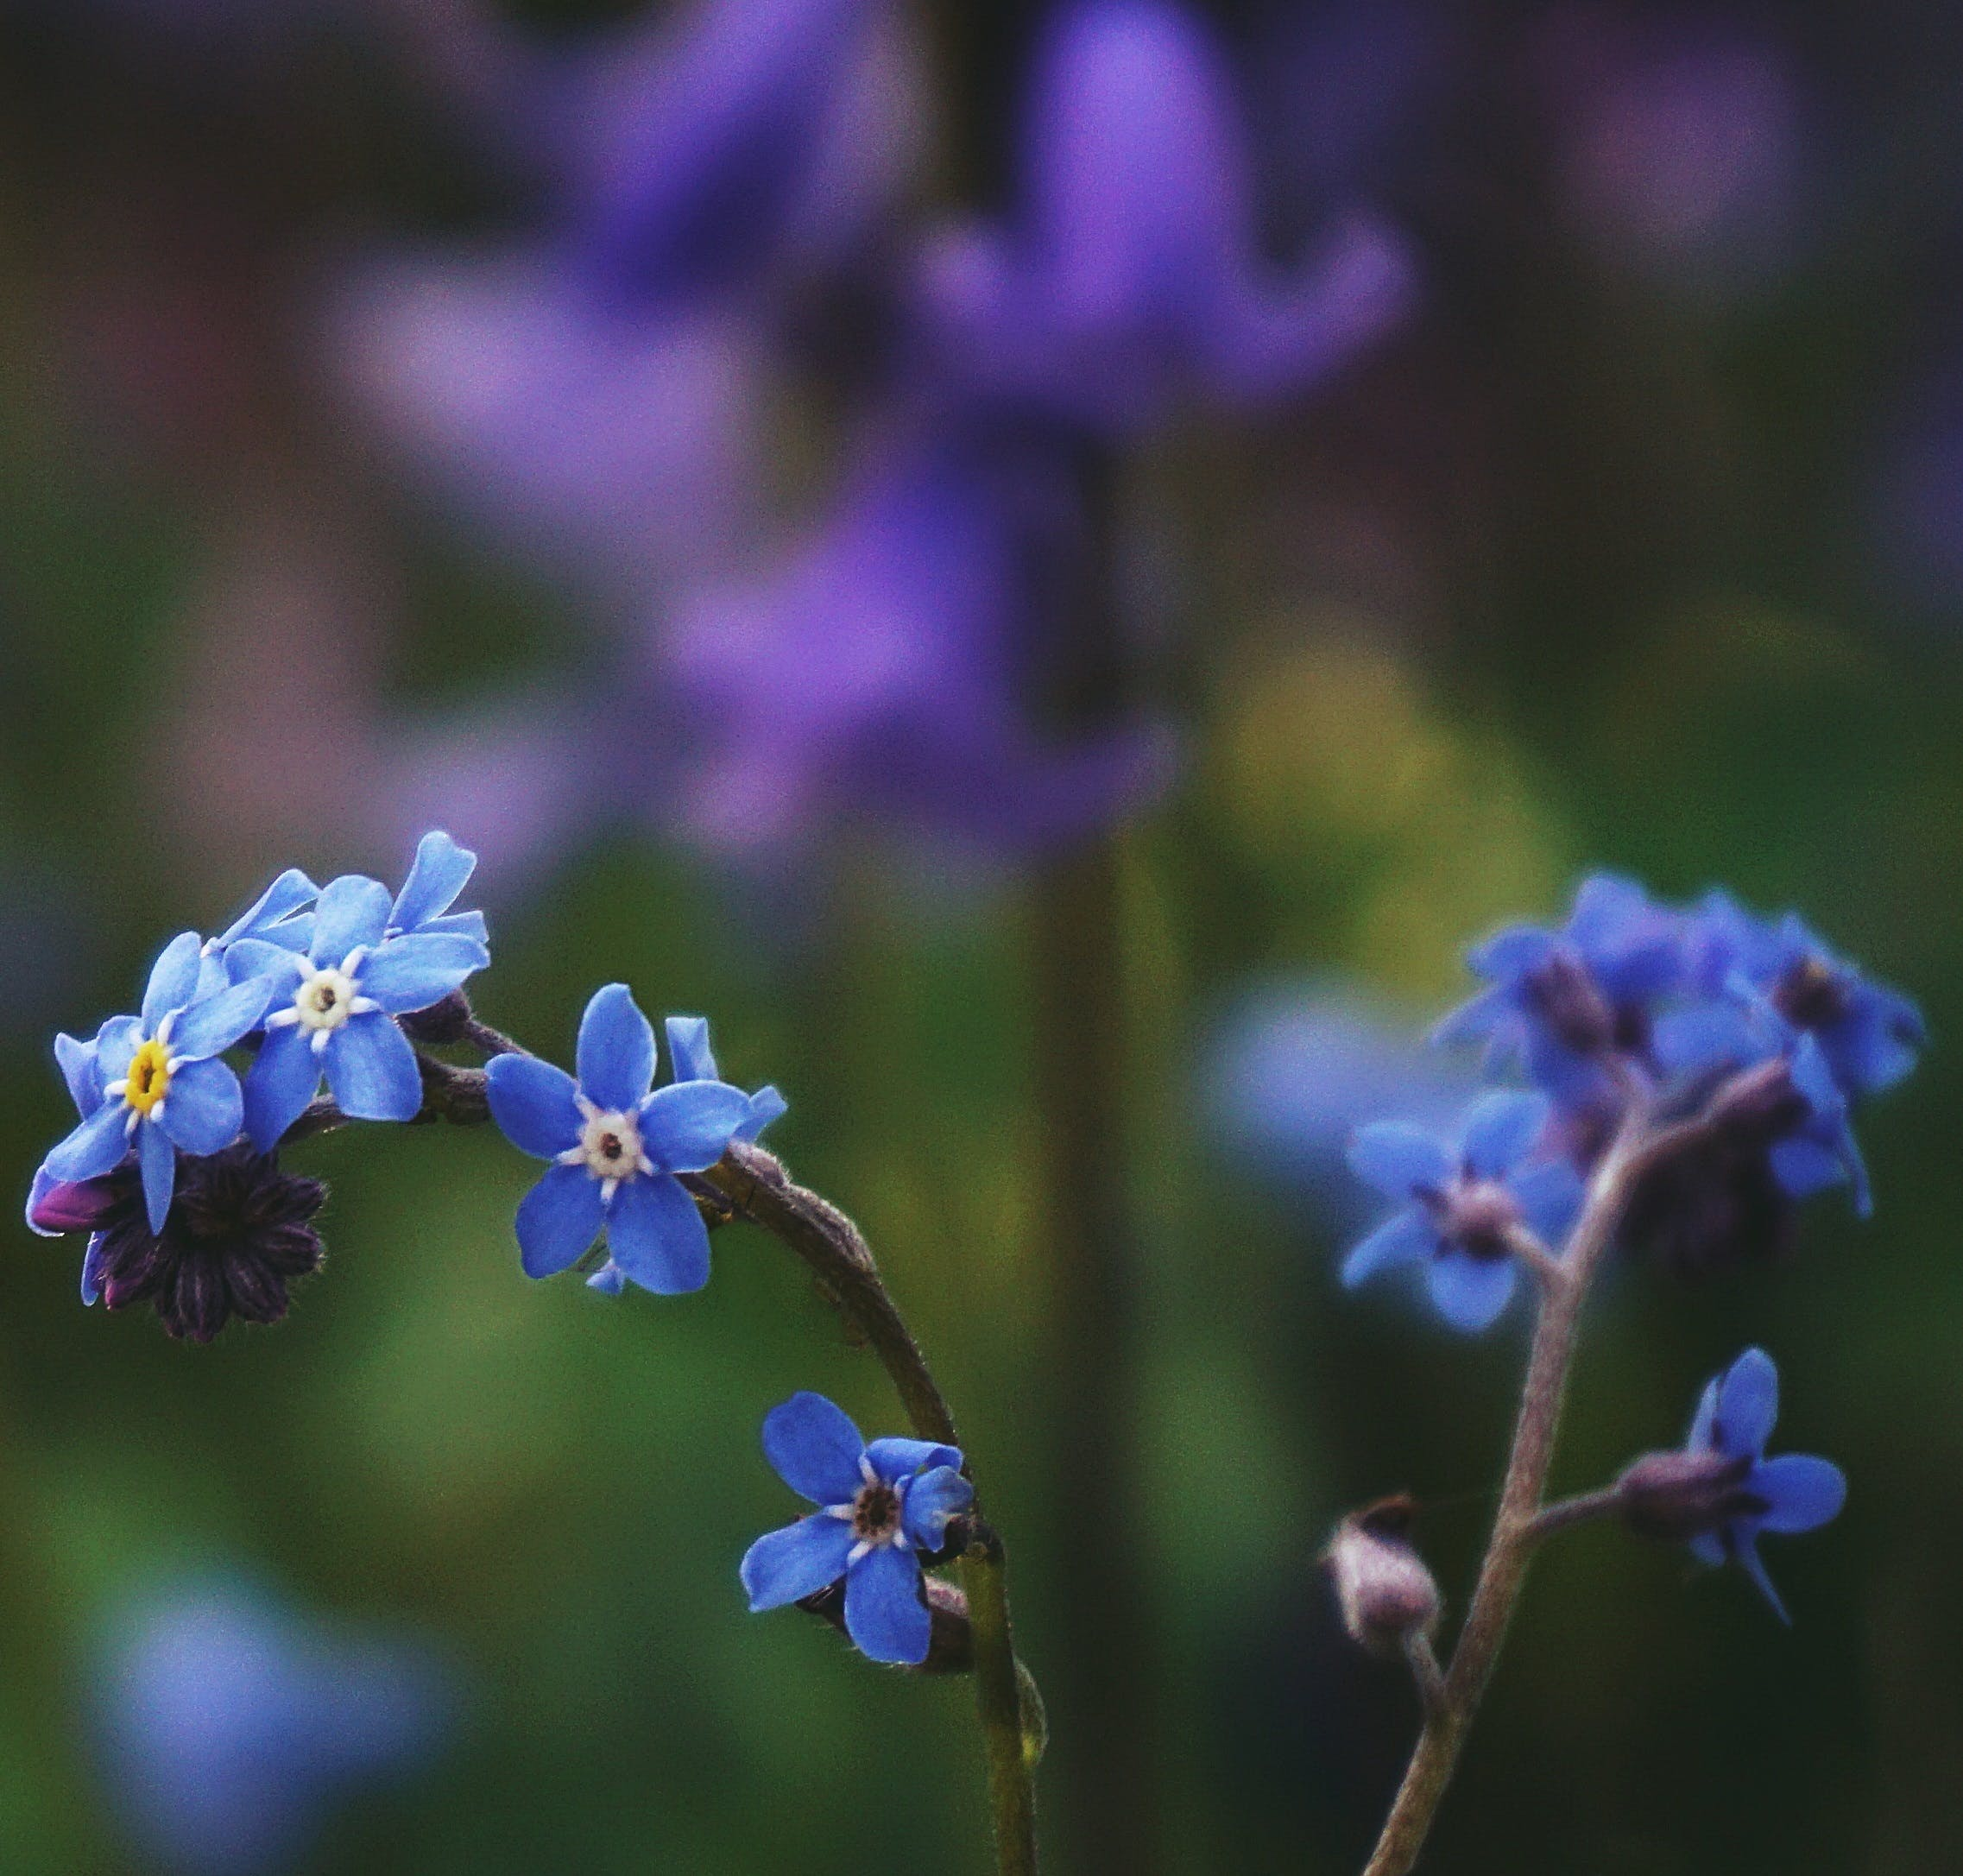 꽃, 물망초, 블루, 자연의 무료 스톡 사진